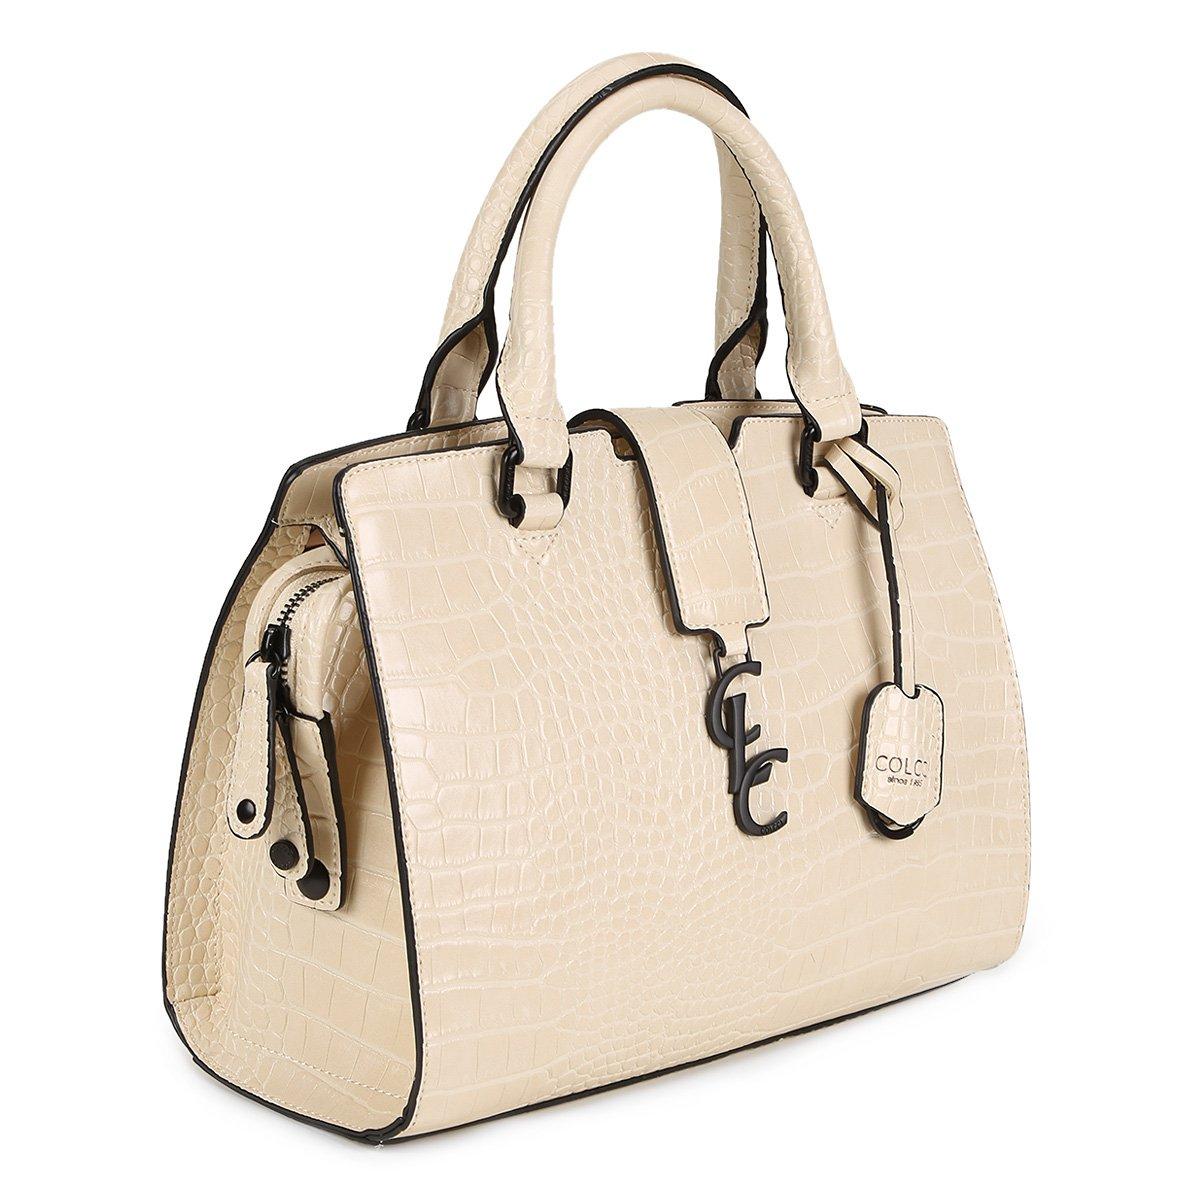 7e6738729 Bolsa Colcci Baú Textura Croco Chaveiro Logo Feminina   Livelo -Sua Vida  com Mais Recompensas